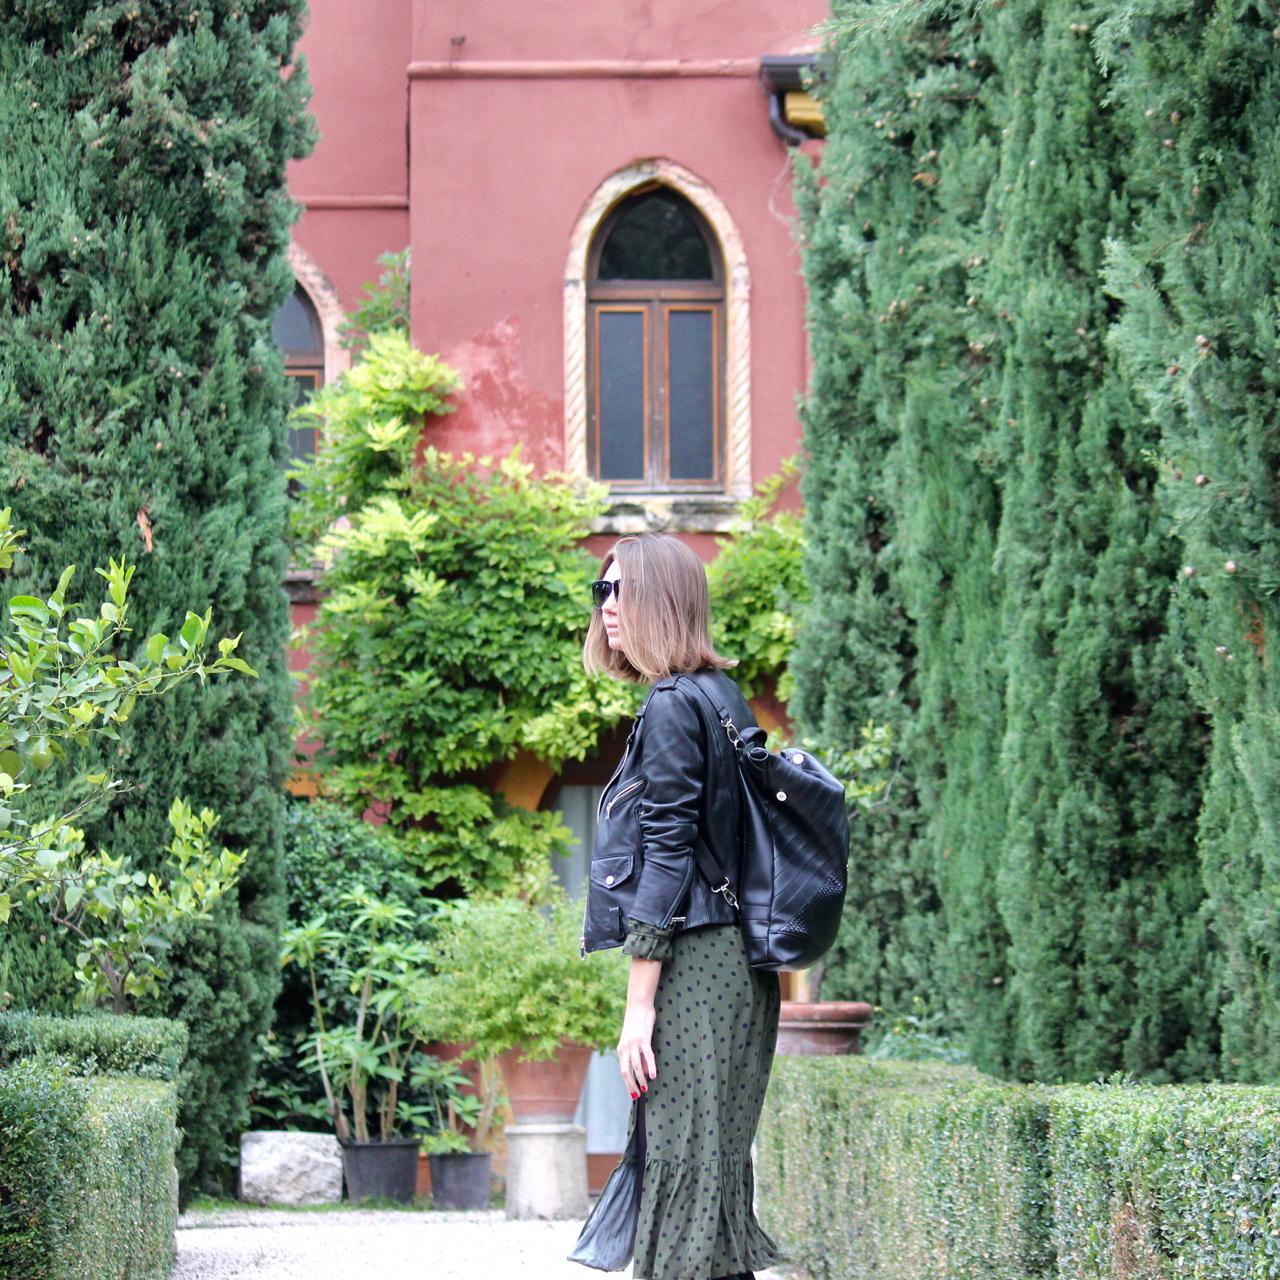 Verona, Italy - 13